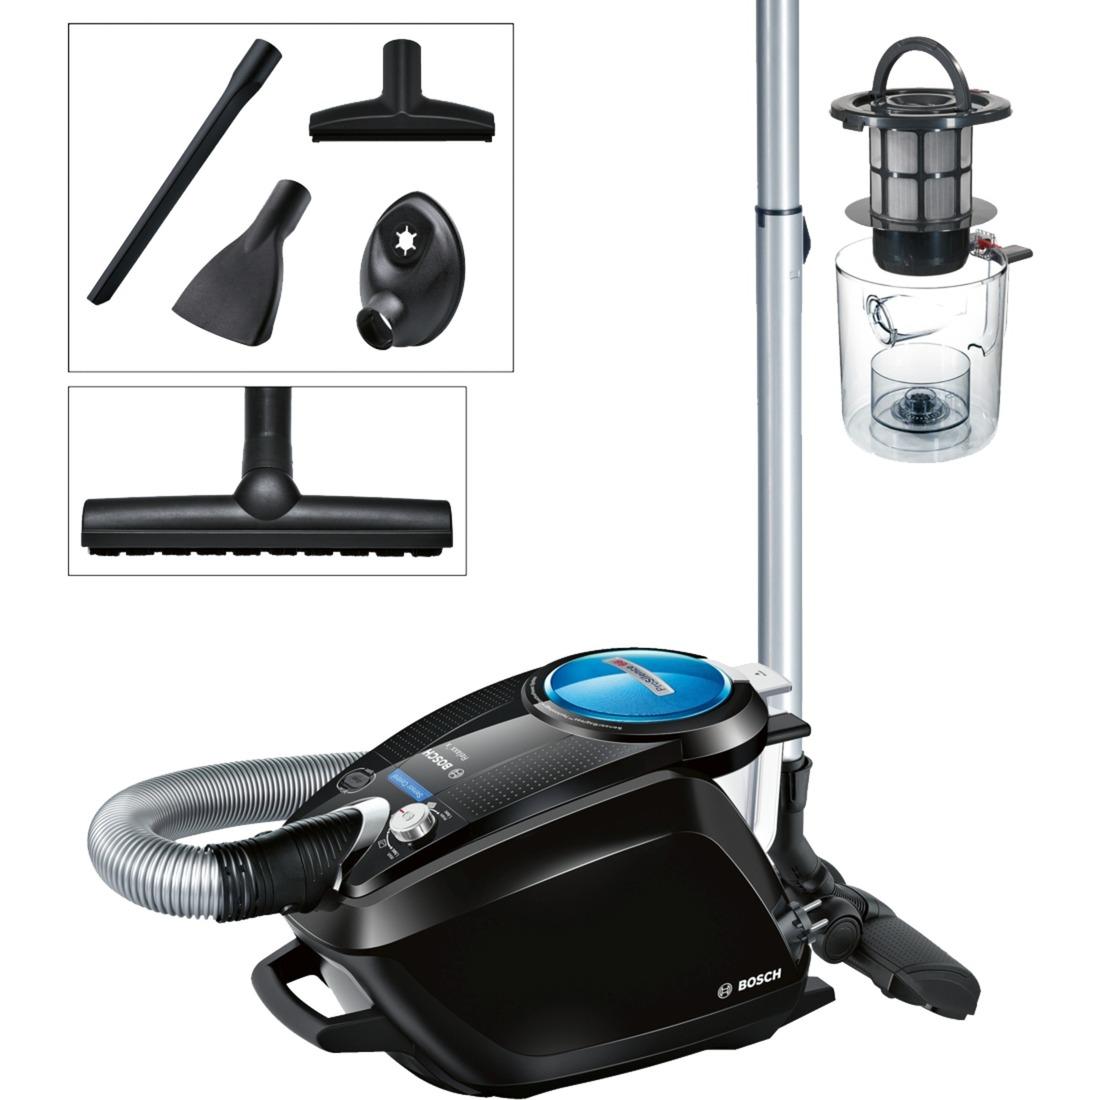 BGS5SMRT66 Aspiradora cilíndrica A Negro aspiradora, Aspiradora de suelo